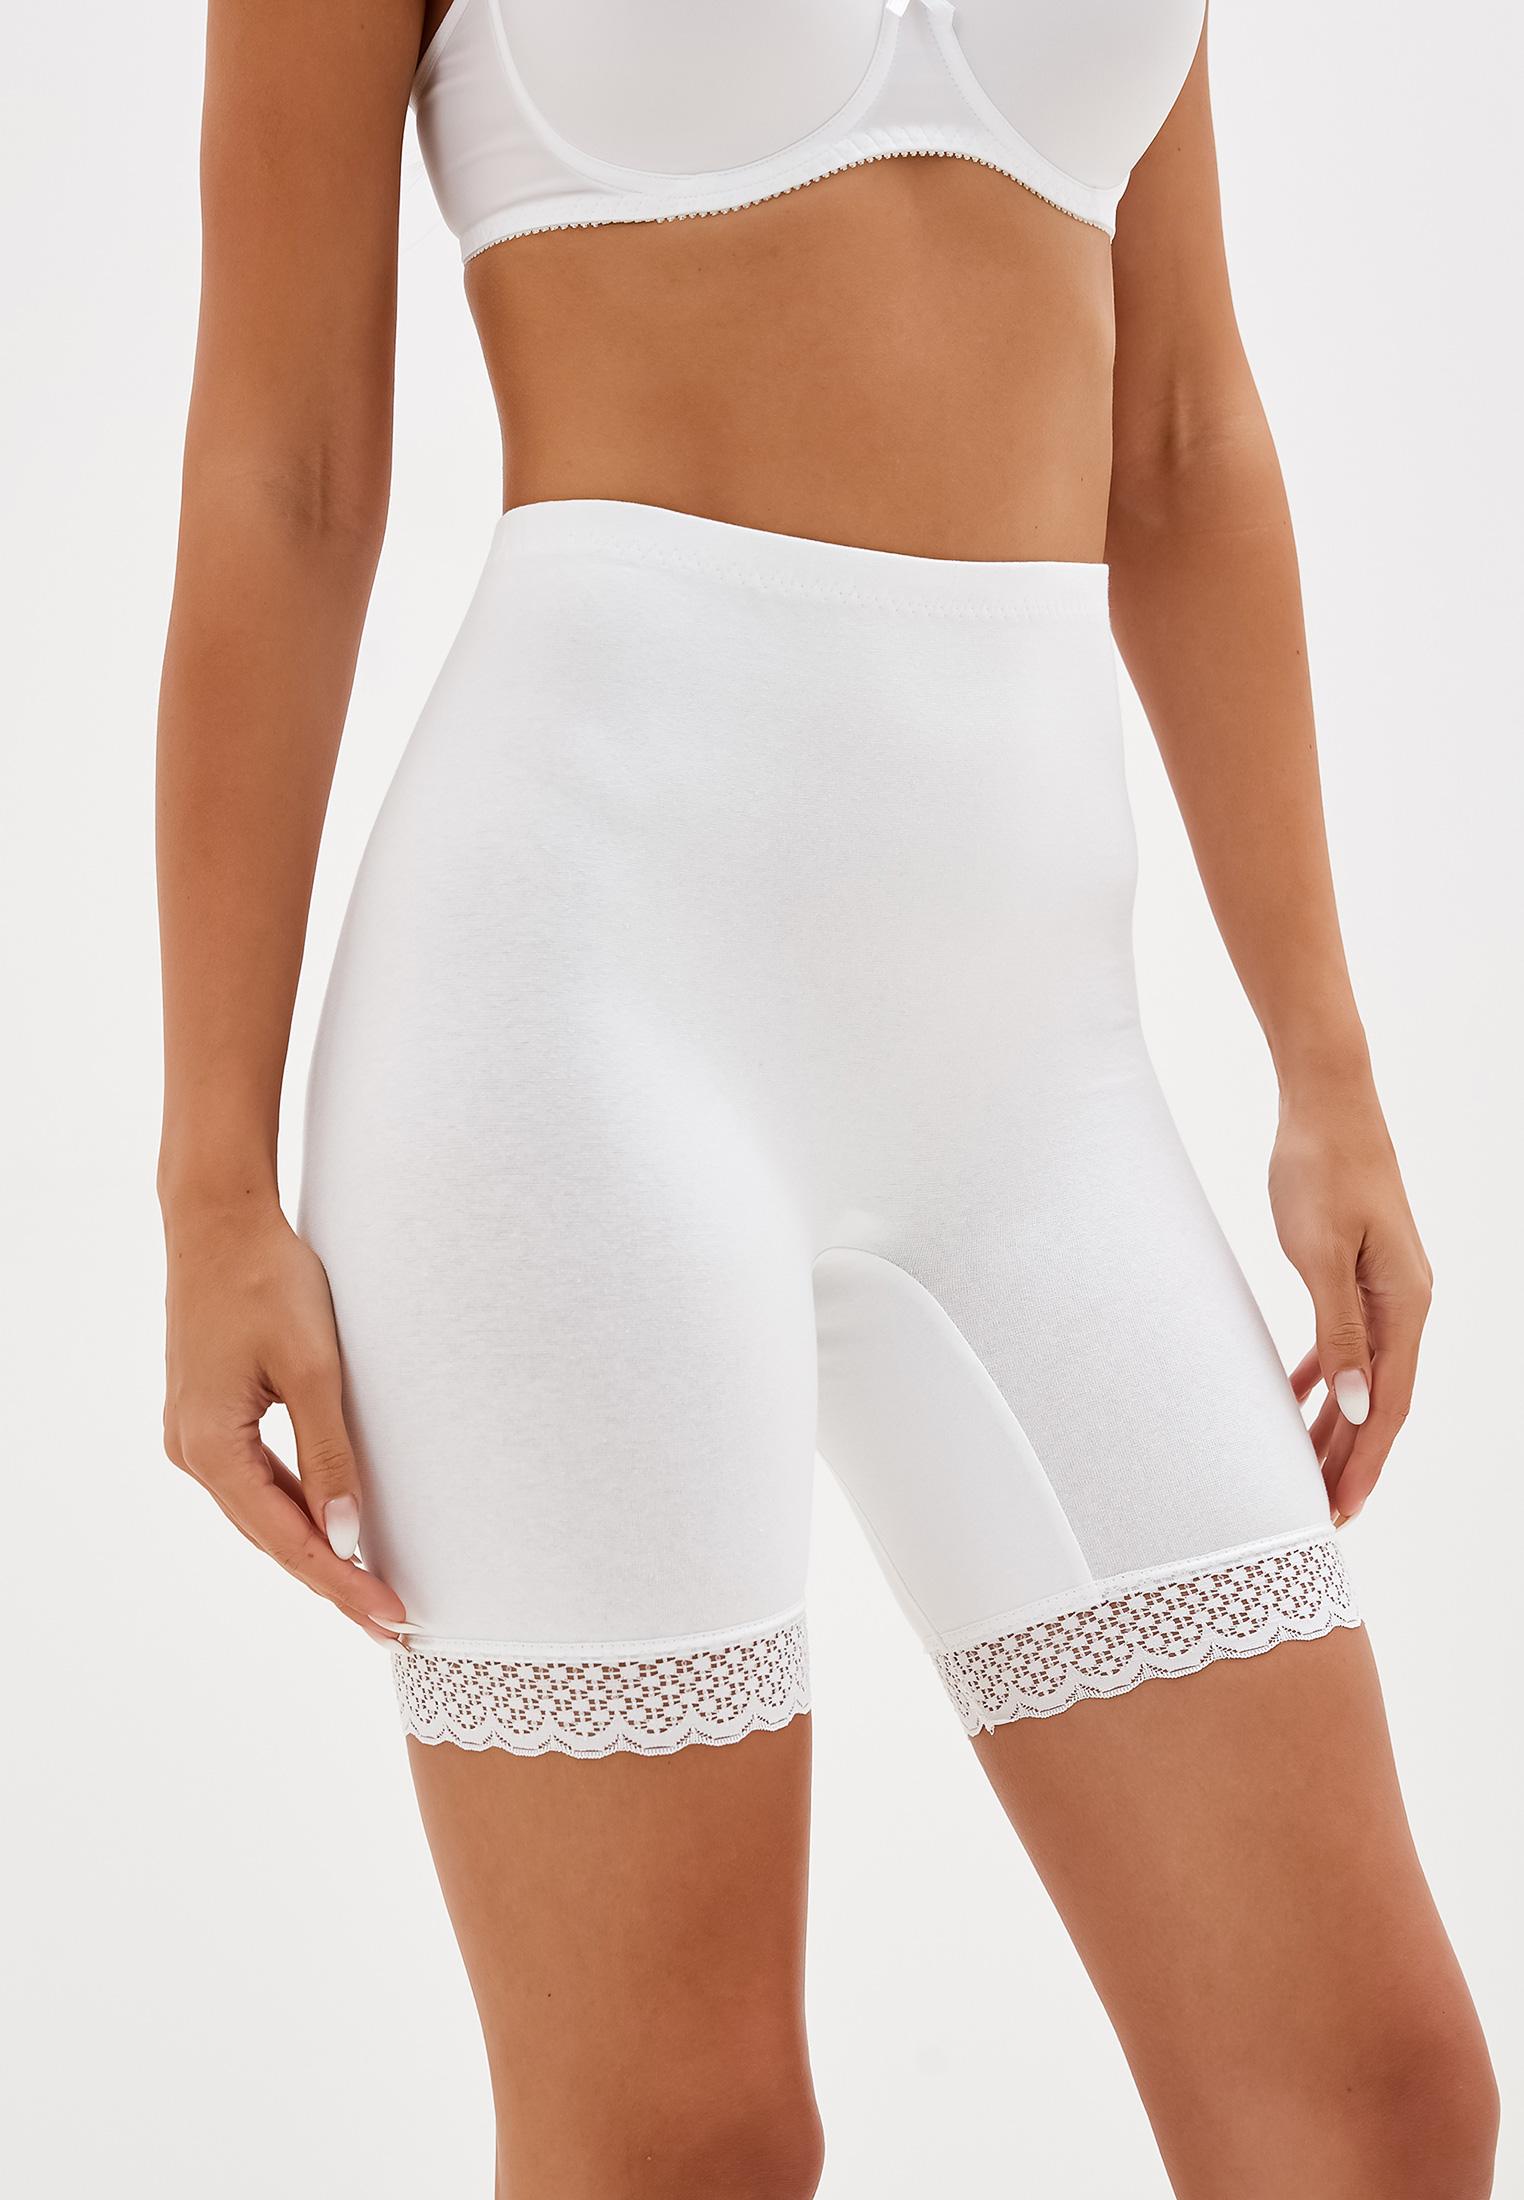 Панталоны женские НОВОЕ ВРЕМЯ T014 белые 62 RU